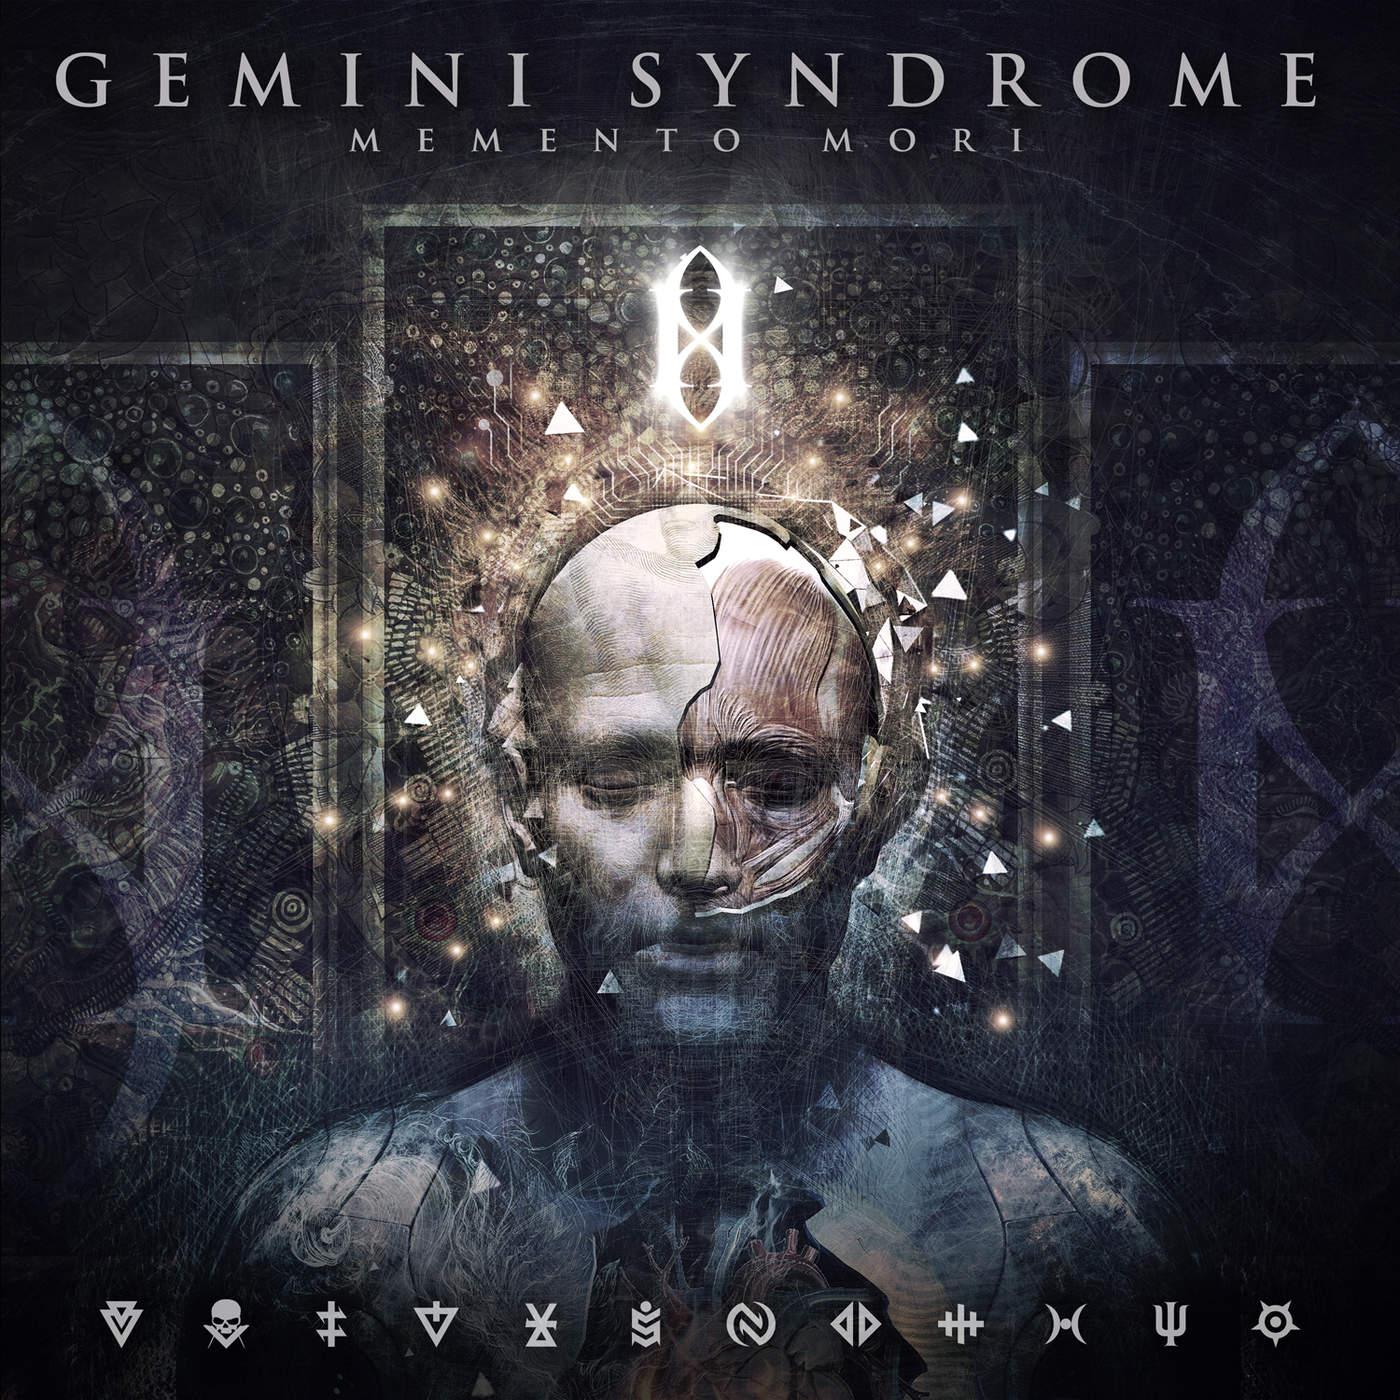 gemini syndrome memento mori.jpeg